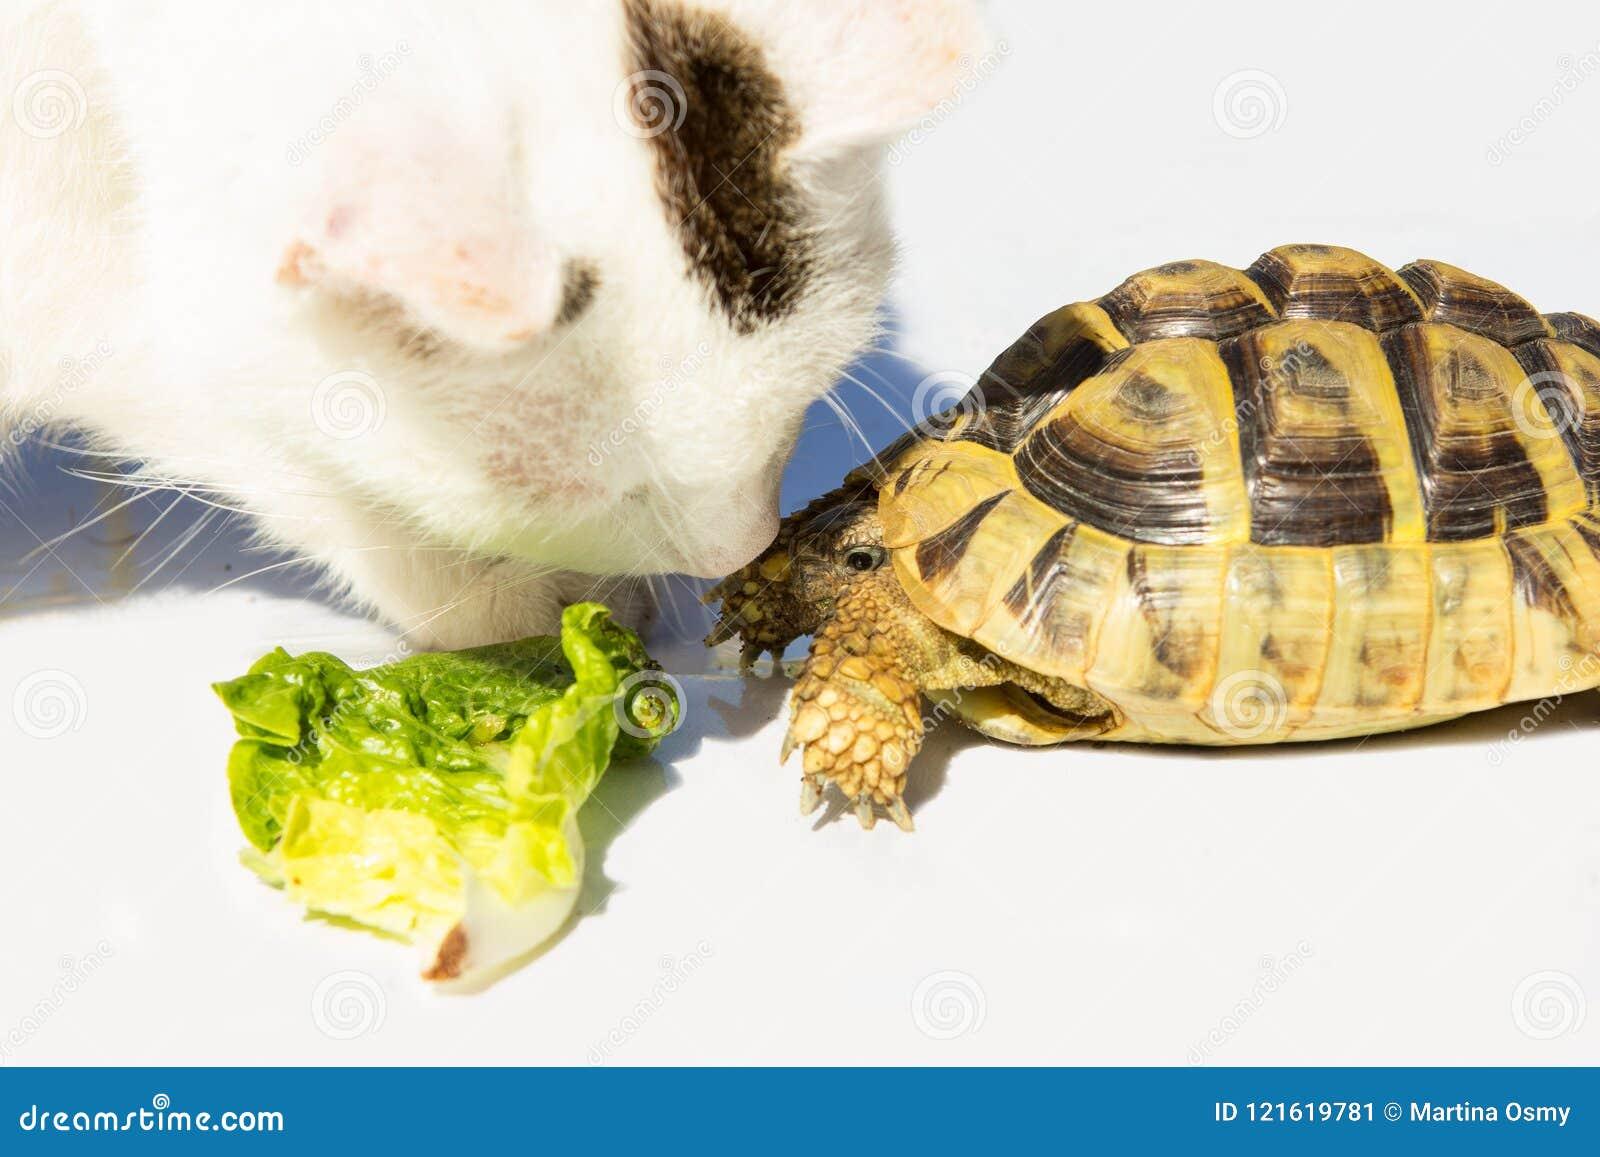 Kot i żółw dostajemy przyjaciół